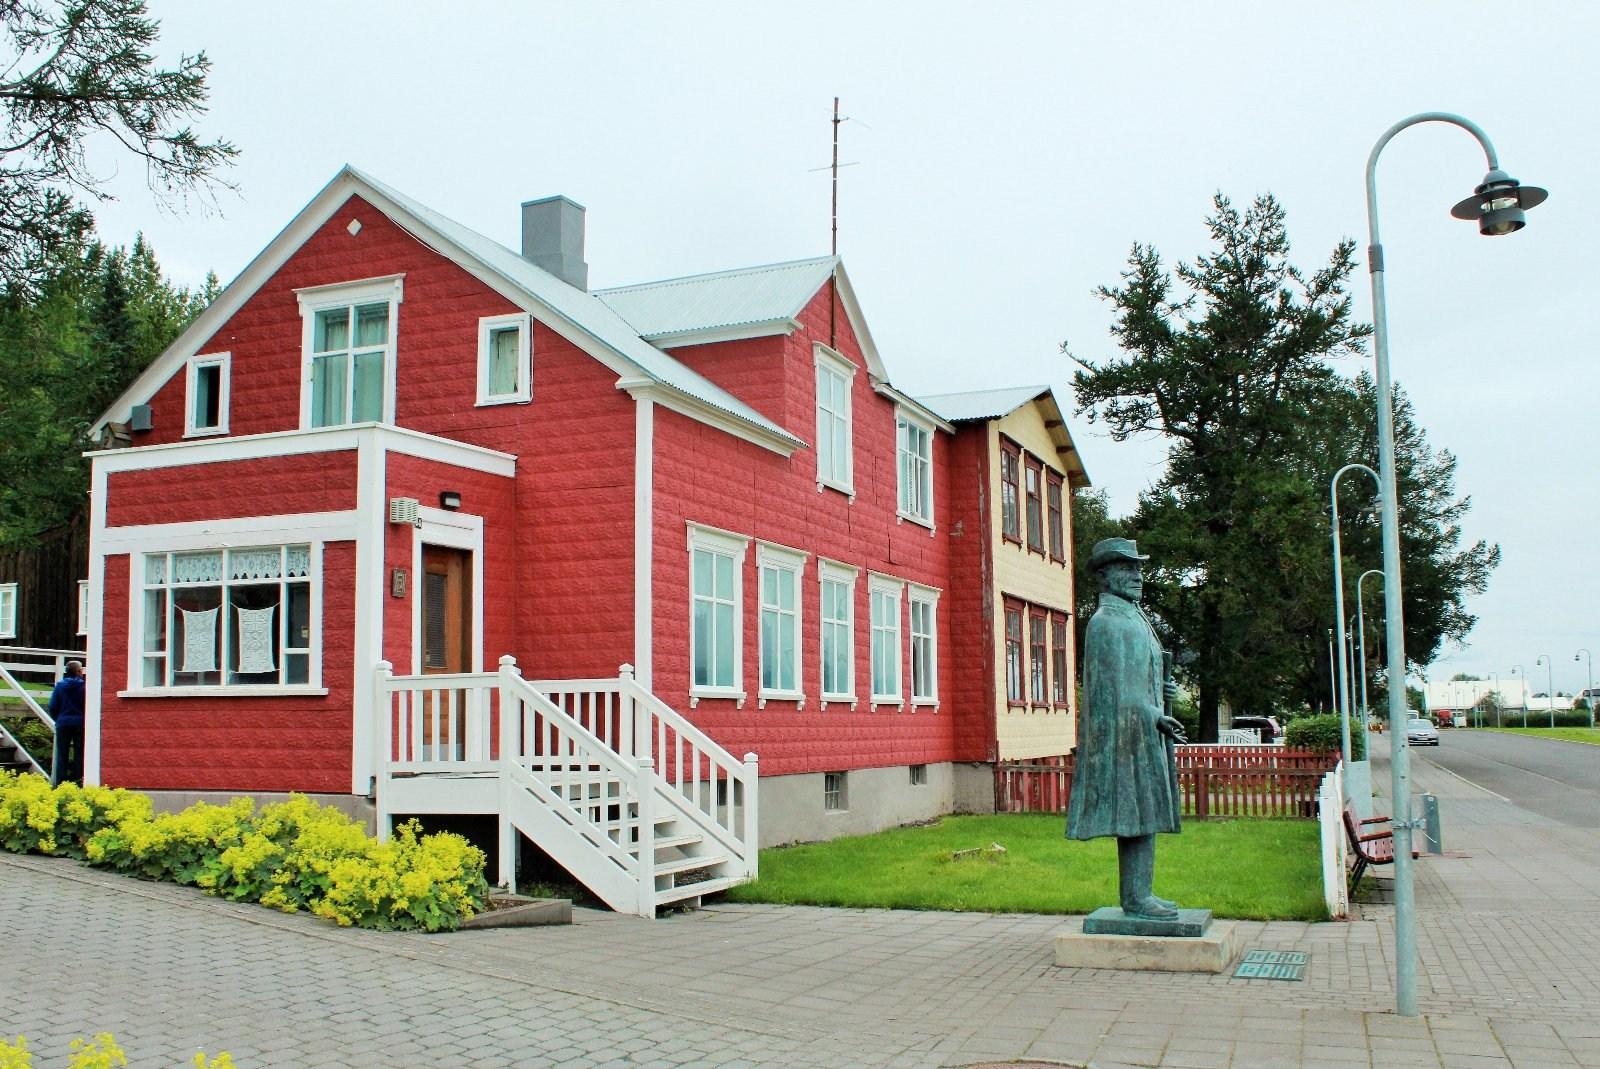 Aðalstræti, музеи Акюрейри, Nonnahús, Jón Sveinsson, исландский писатель, детская литература в Исландии, Йоун Свейнссон, исландский иезуит, Photo Stasmir